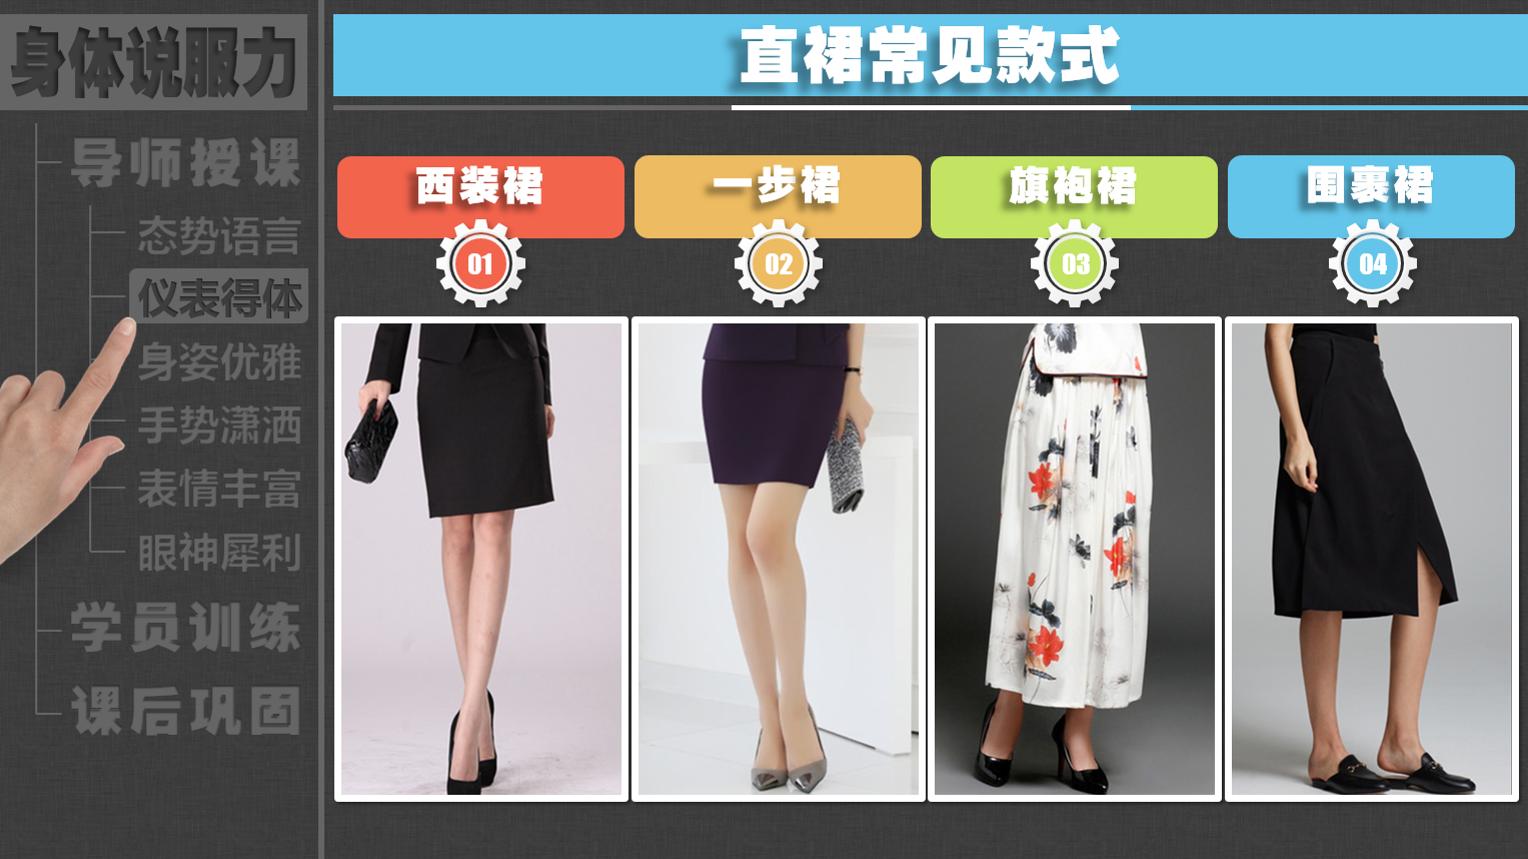 女演讲嘉宾应该如何挑选套裙?款式、领型